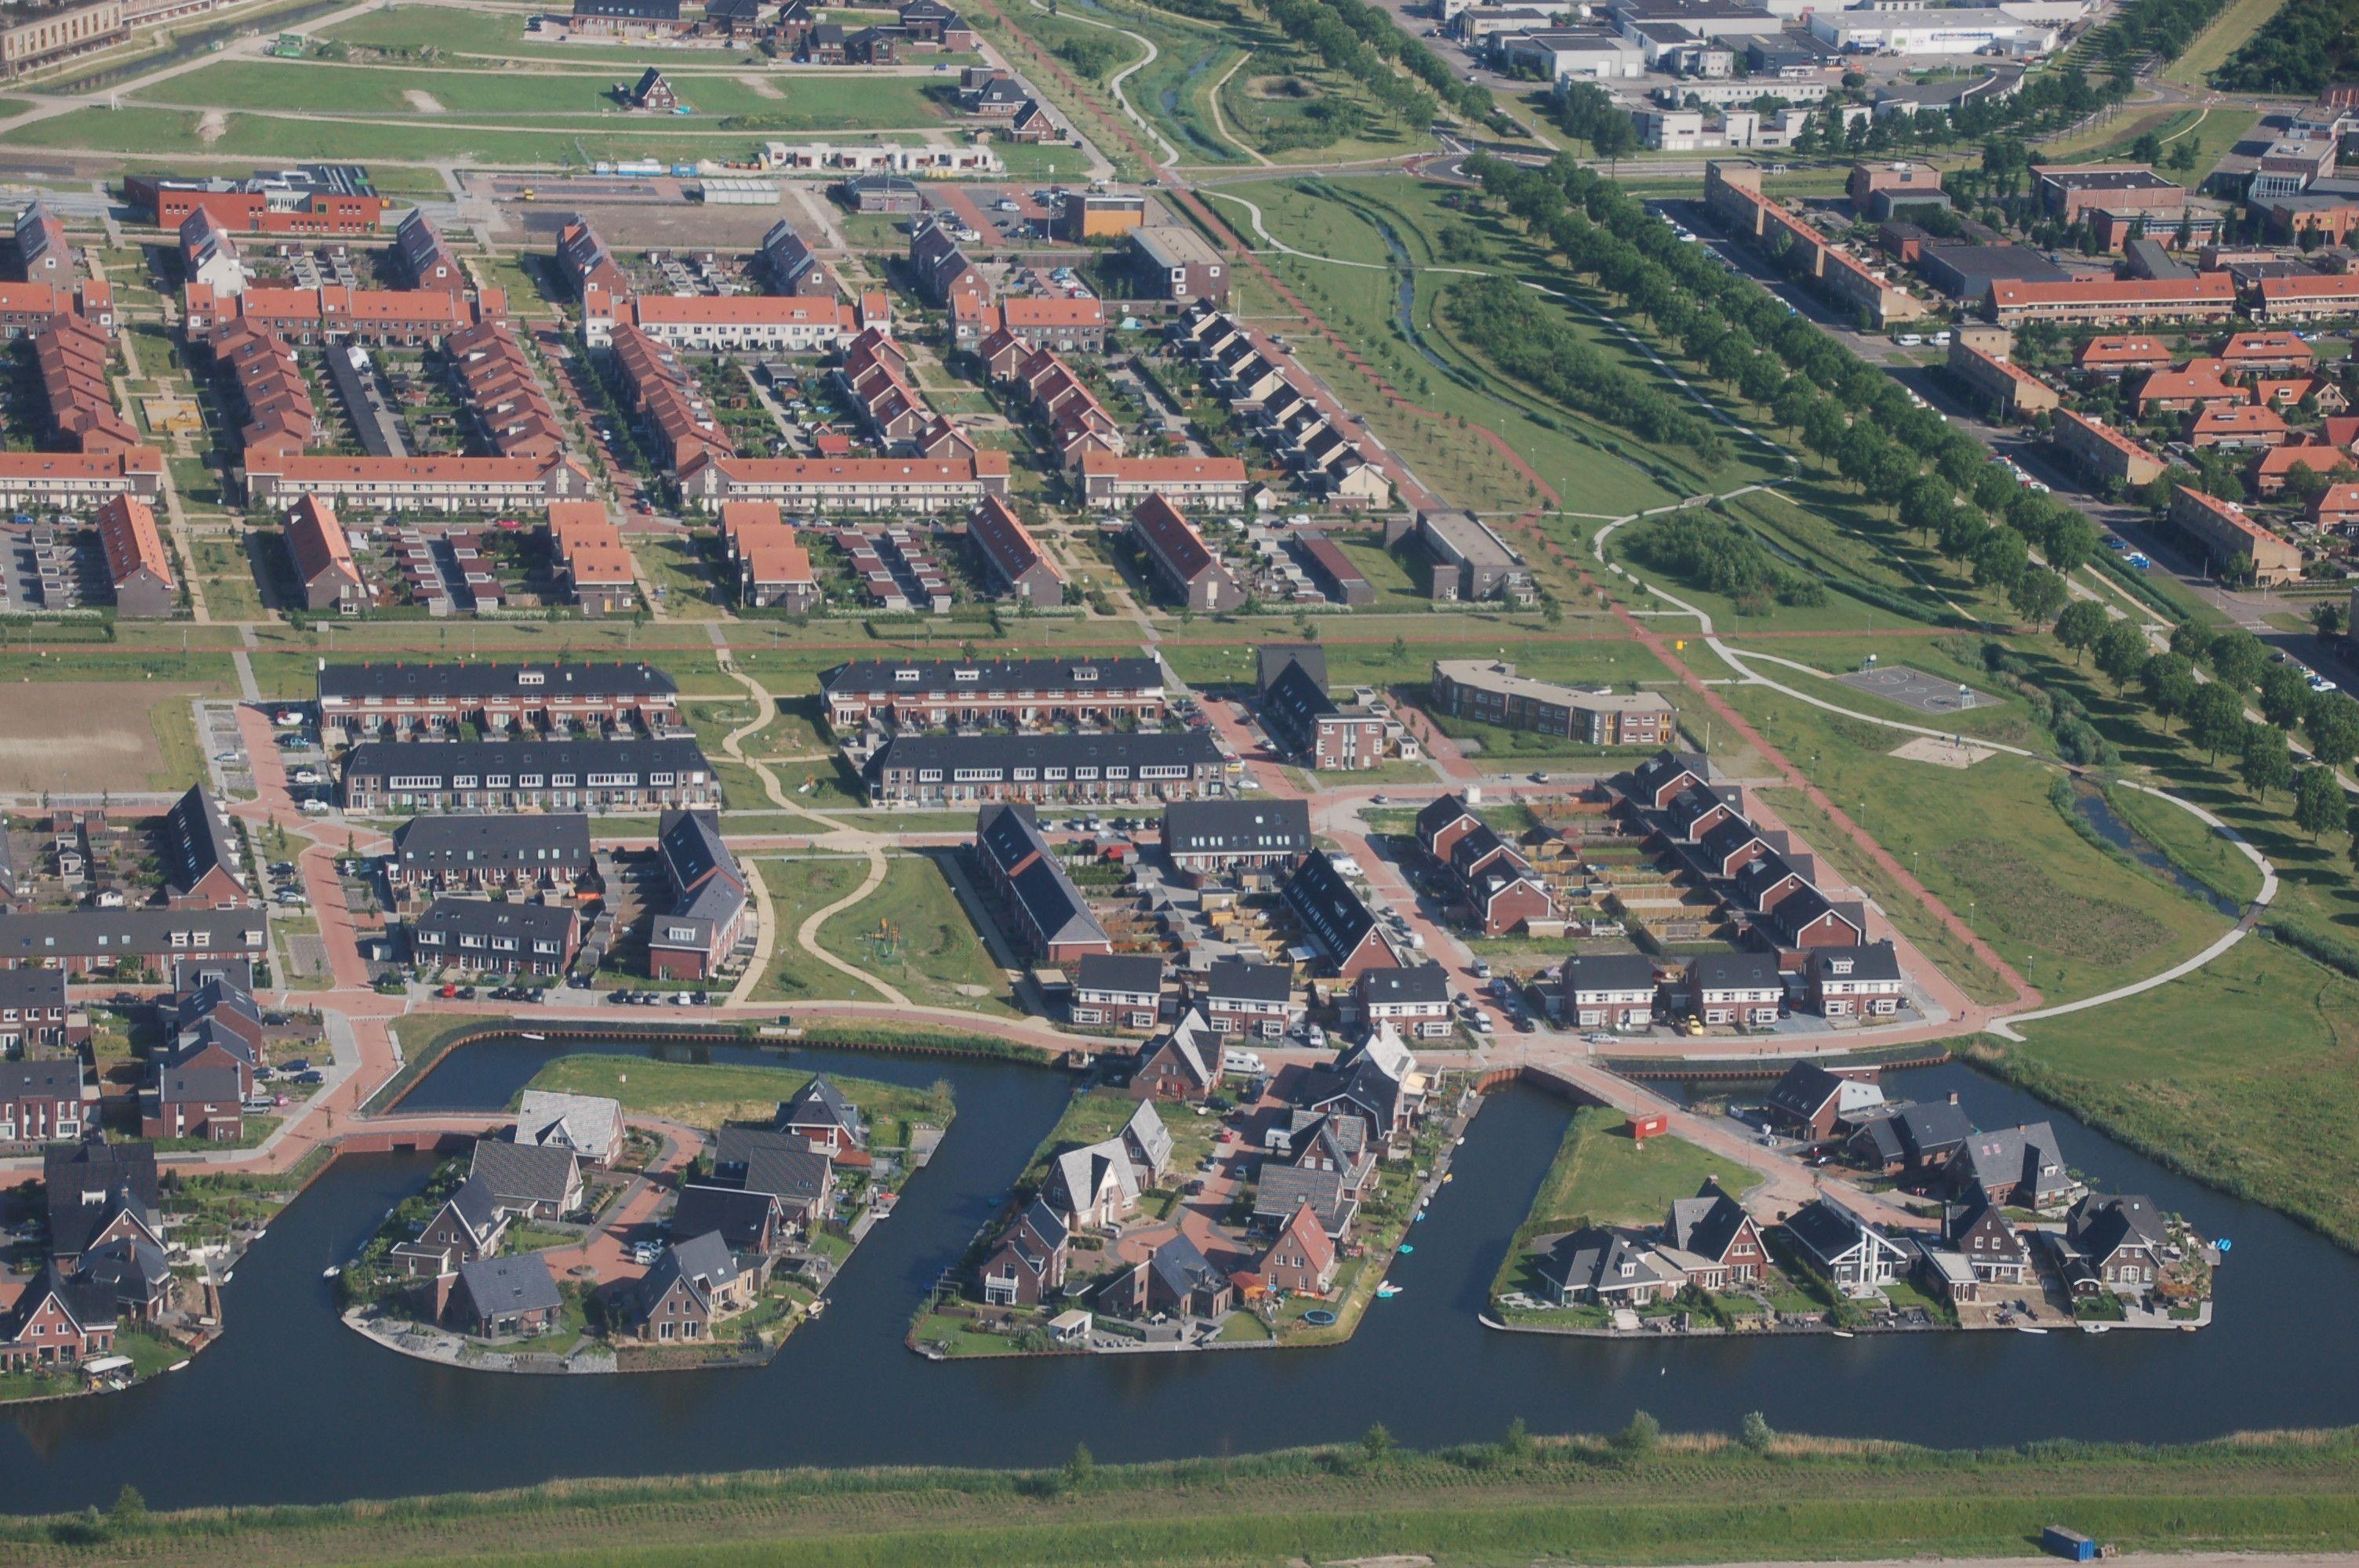 Polder-Theorie: Je näher der Mensch am Wasser lebt, umso unlinearer werden seine Behausungen.